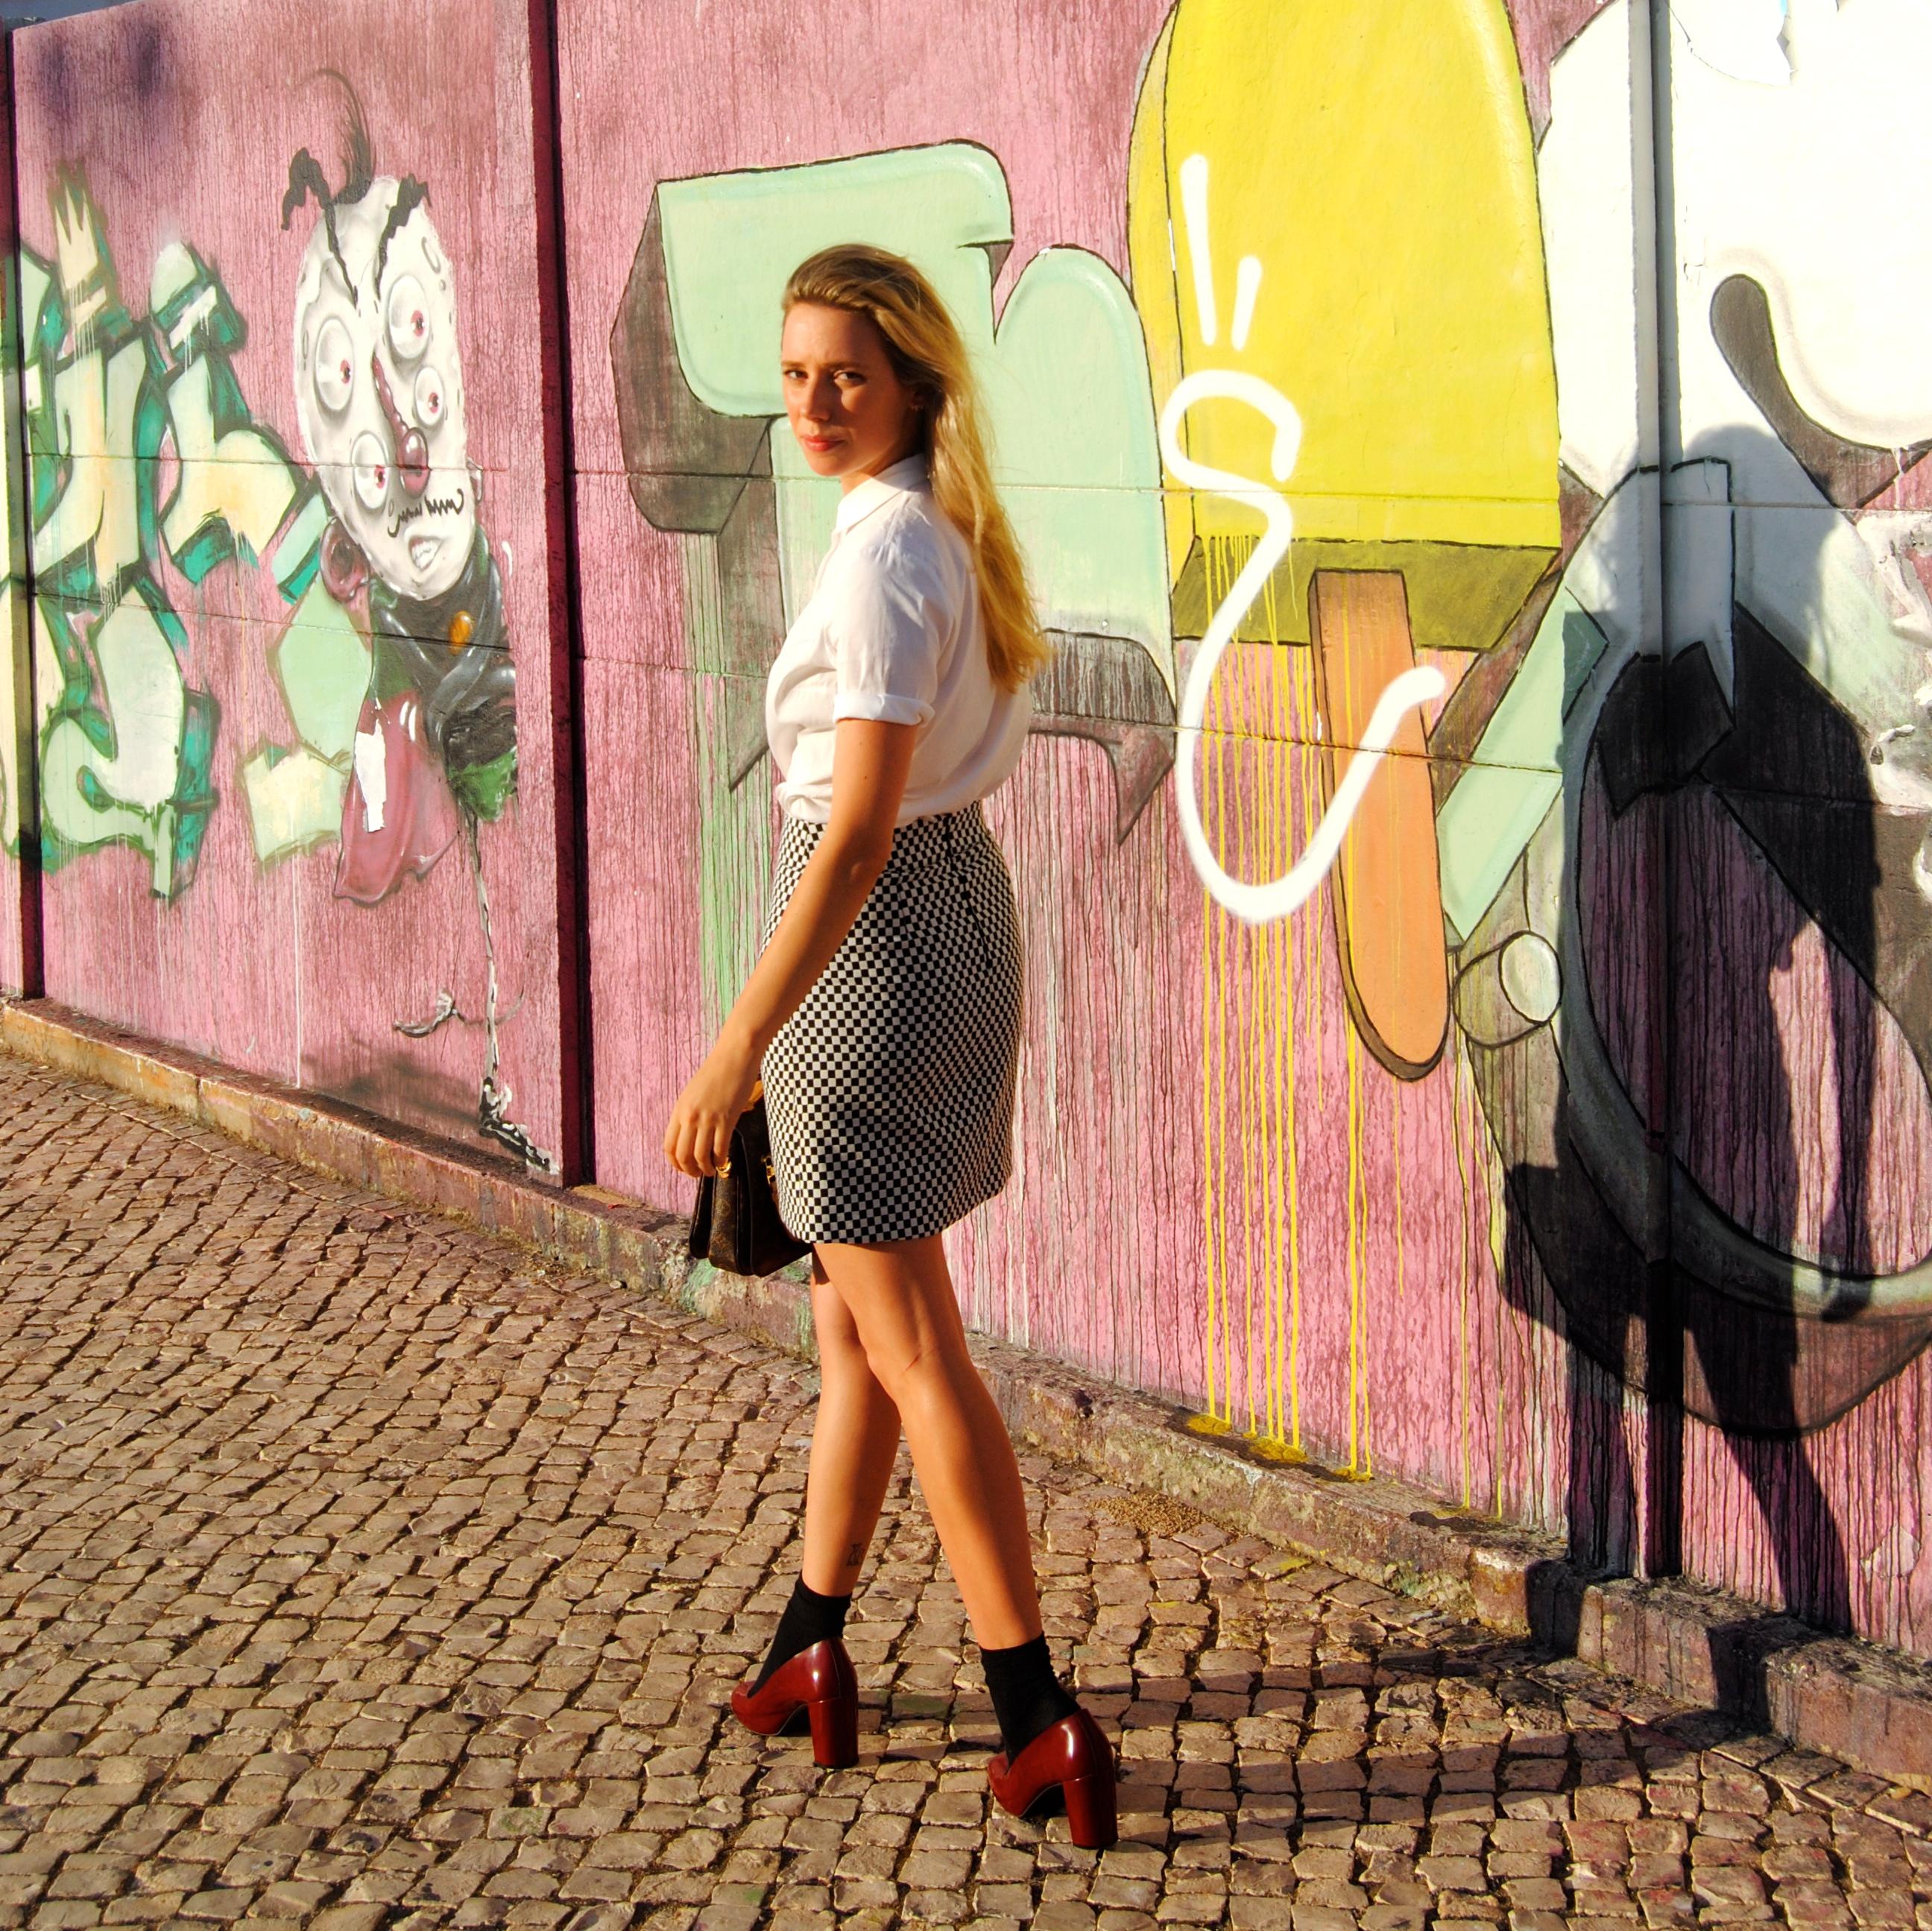 Camisa y zapatos: COS; Falda: Zara; Bolso: Louis Vuitton; Gafas: Prada